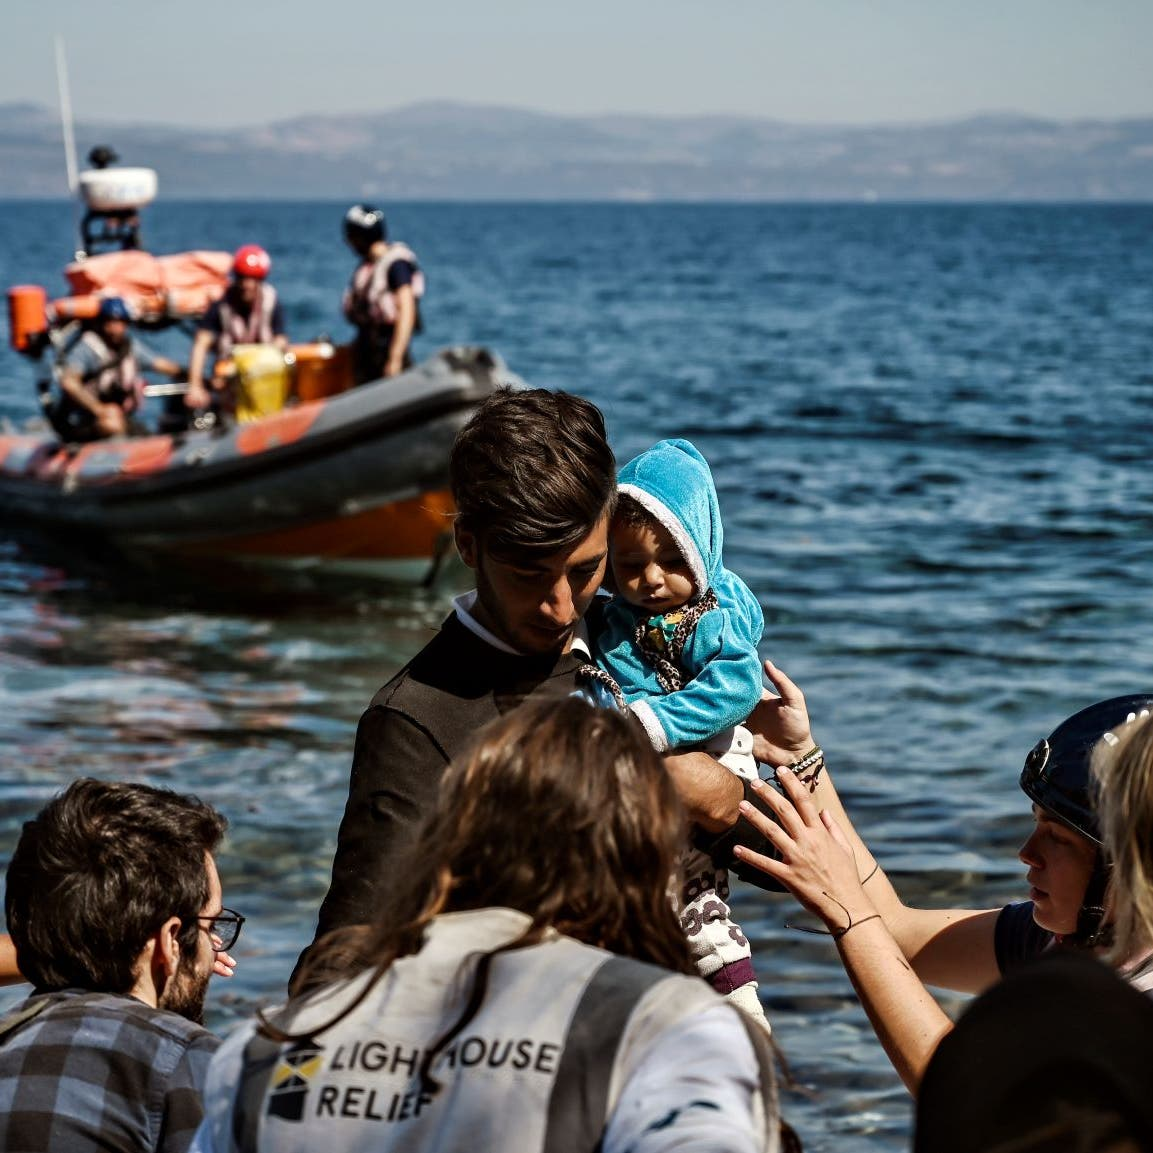 التايمز: تدفق مهاجرين جدد من تركيا يضغط على جزر اليونان